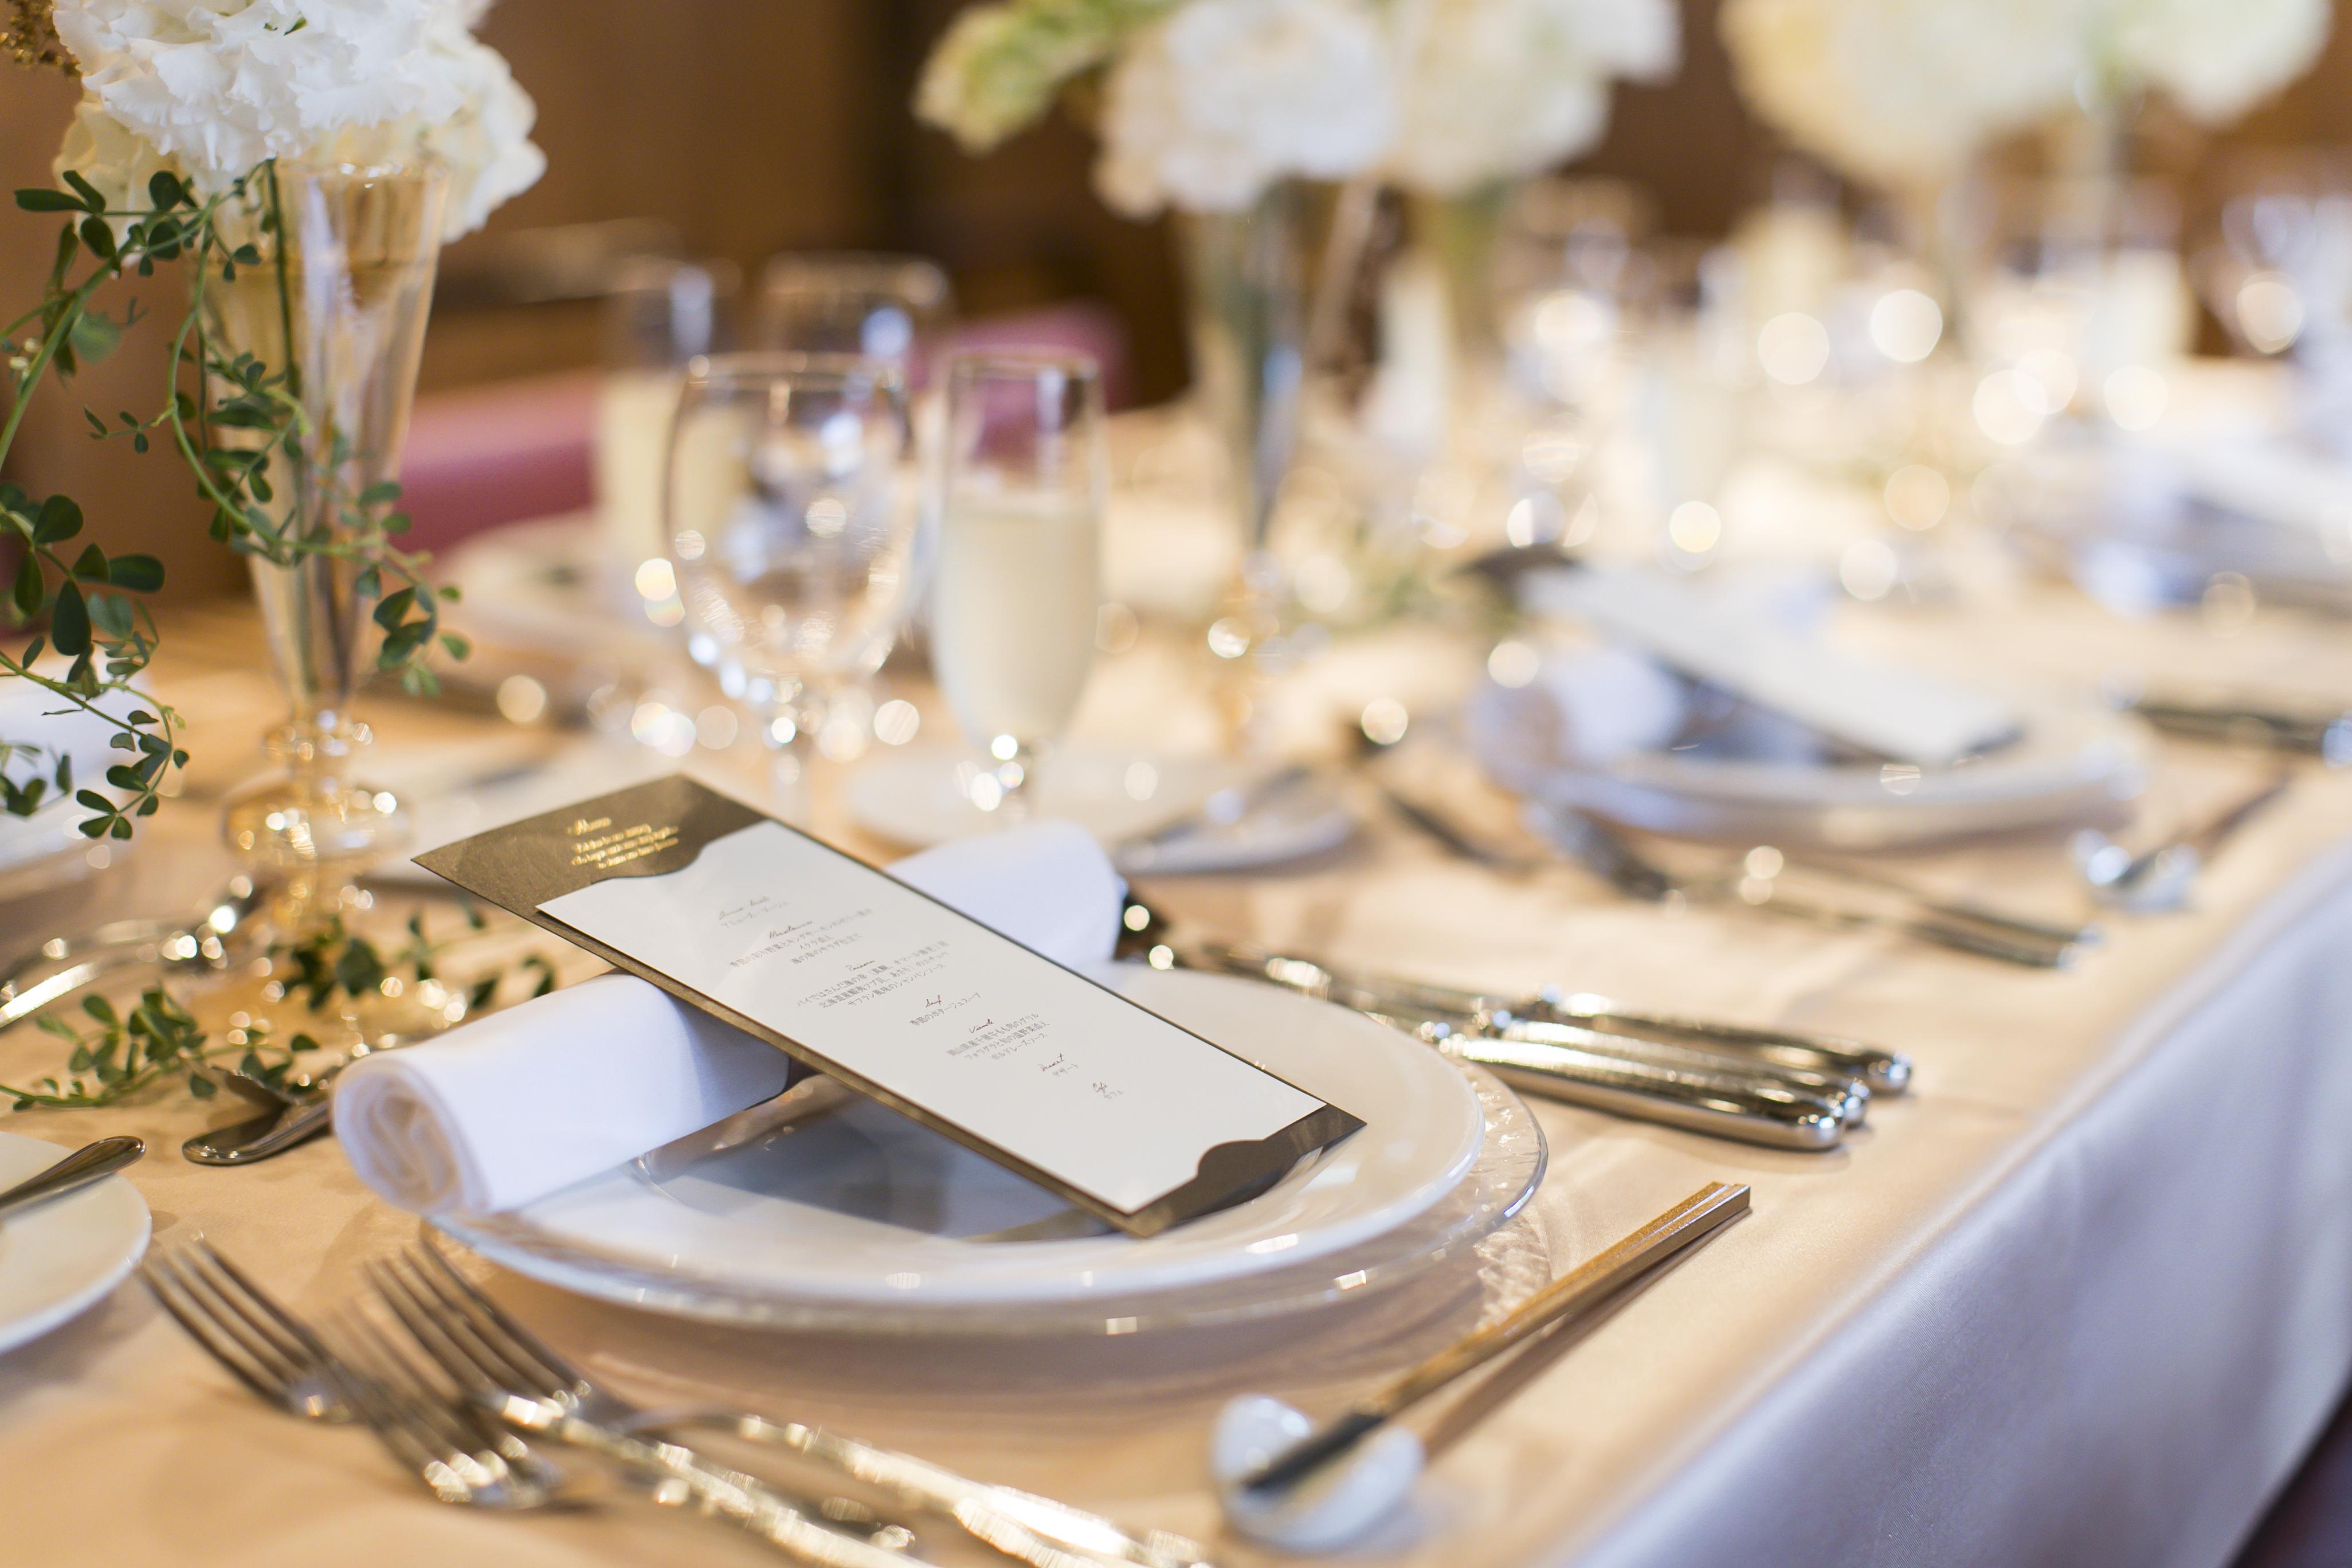 【準備・予算も安心!】親族食事会の相談フェア◆無料試食付◆